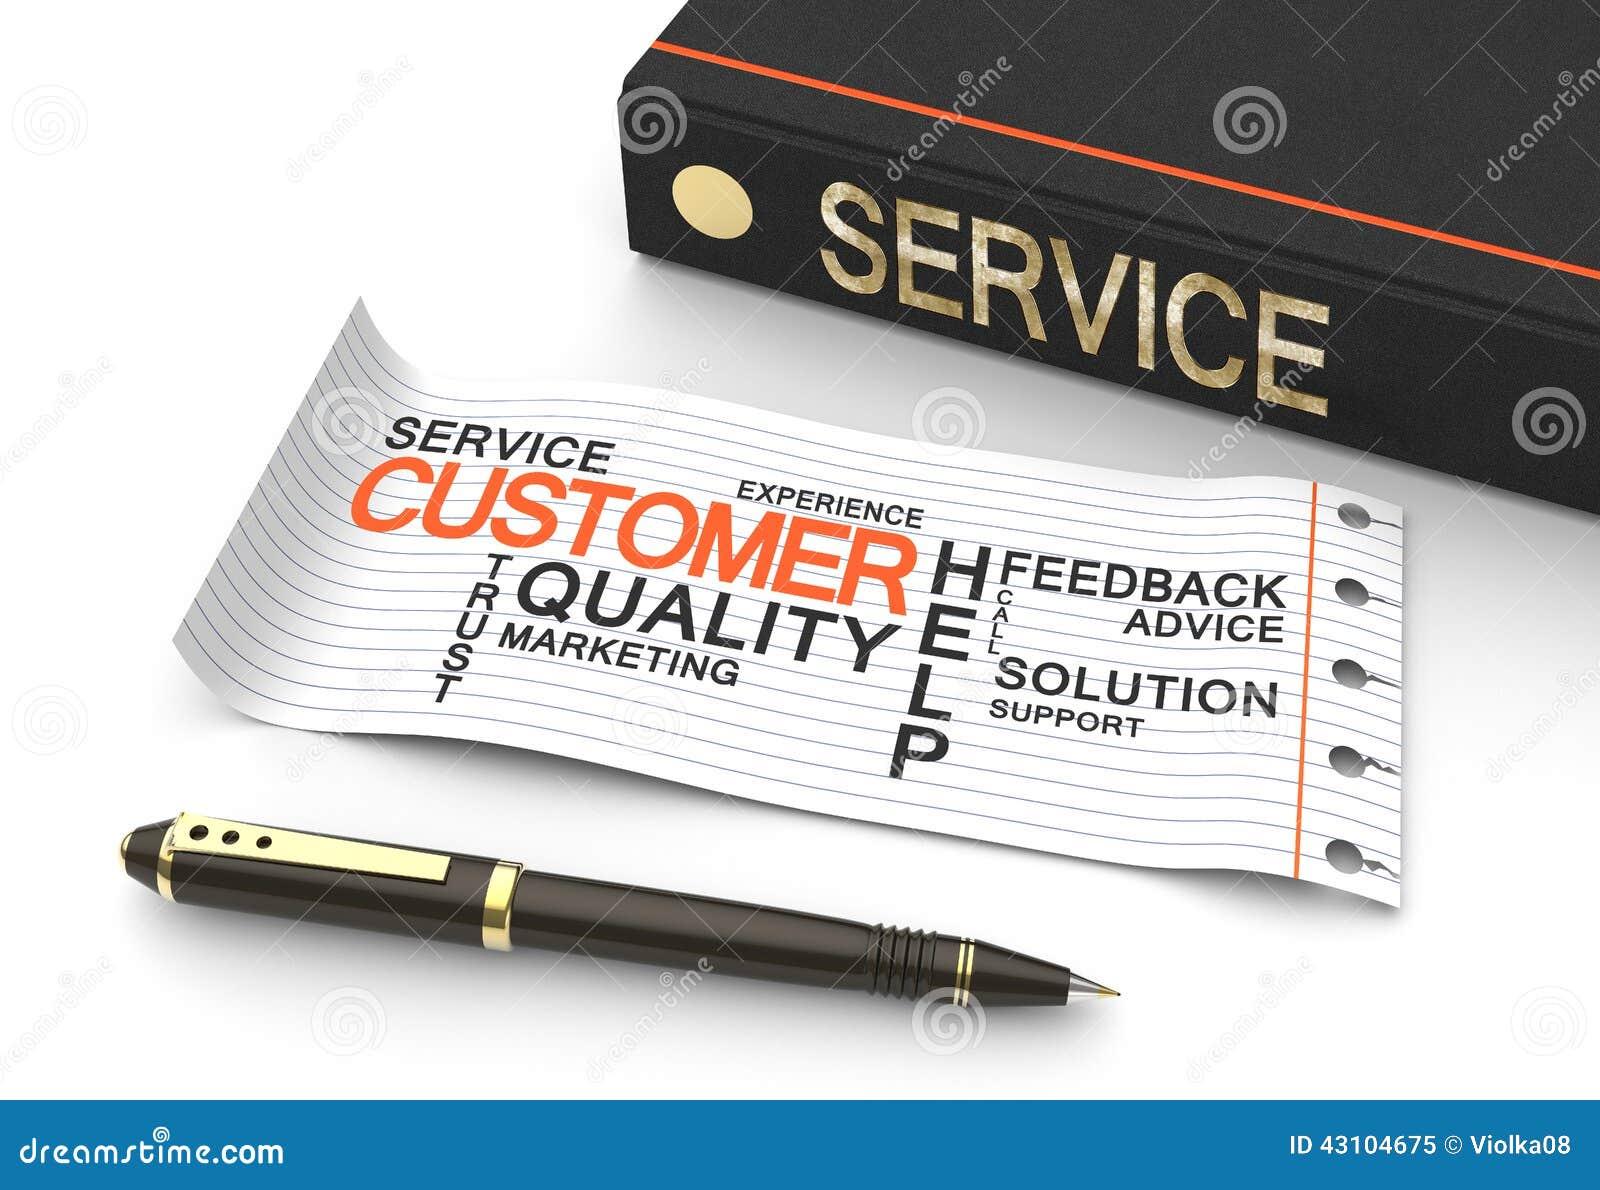 Concep di servizio di assistenza al cliente